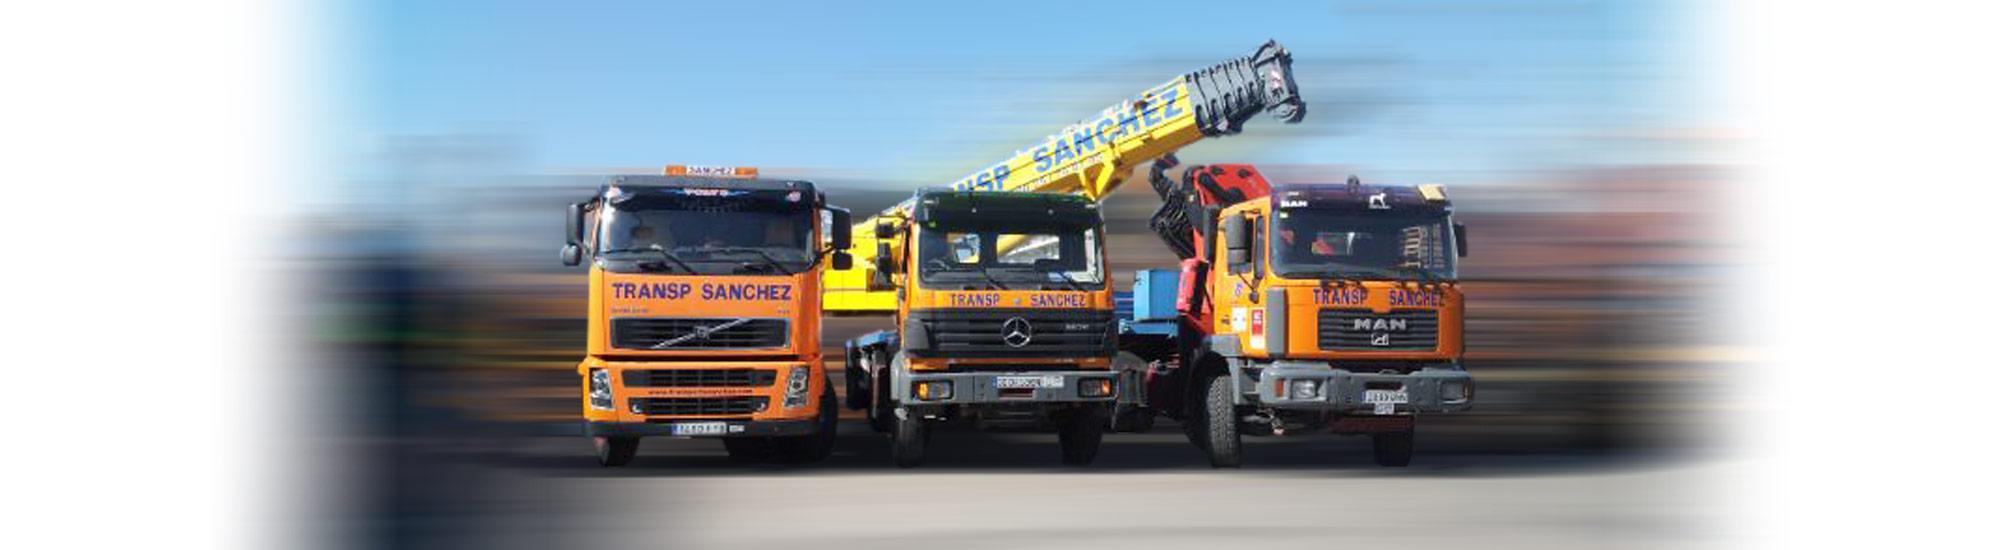 banner_1_transportes_sanchez